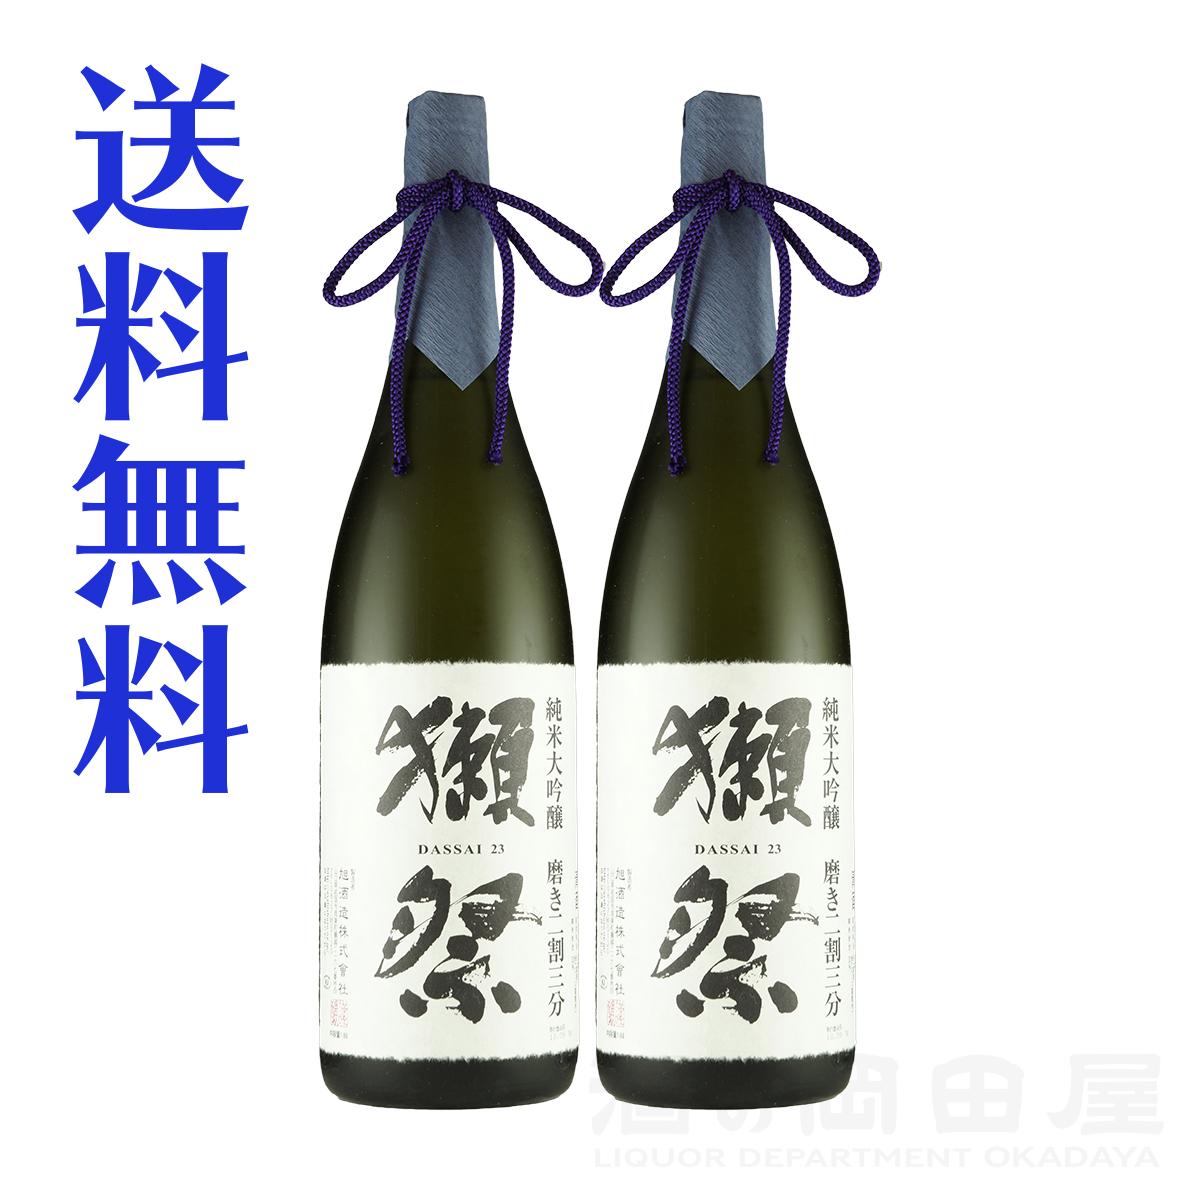 獺祭 だっさい 純米大吟醸 磨き 二割三分 1800ml/1.8L 2本山口県 旭酒造 日本酒 地酒 ギフト